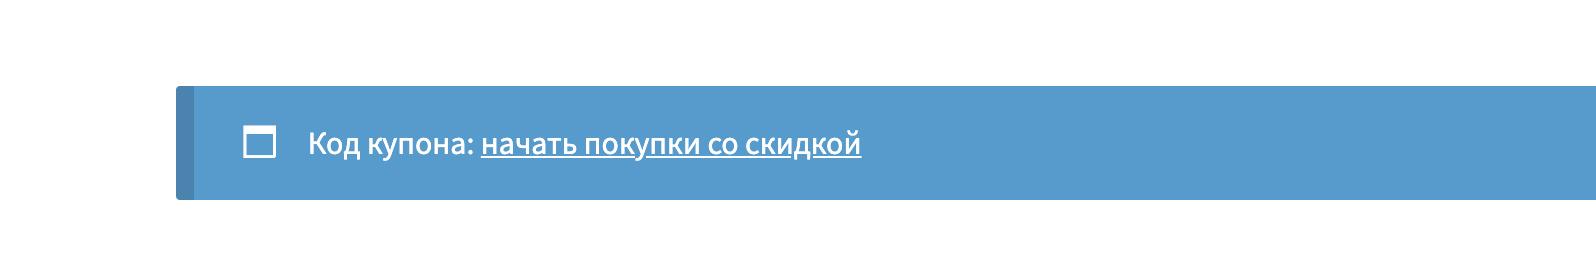 Изменяем текст сообщения ввода купона WooCommerce